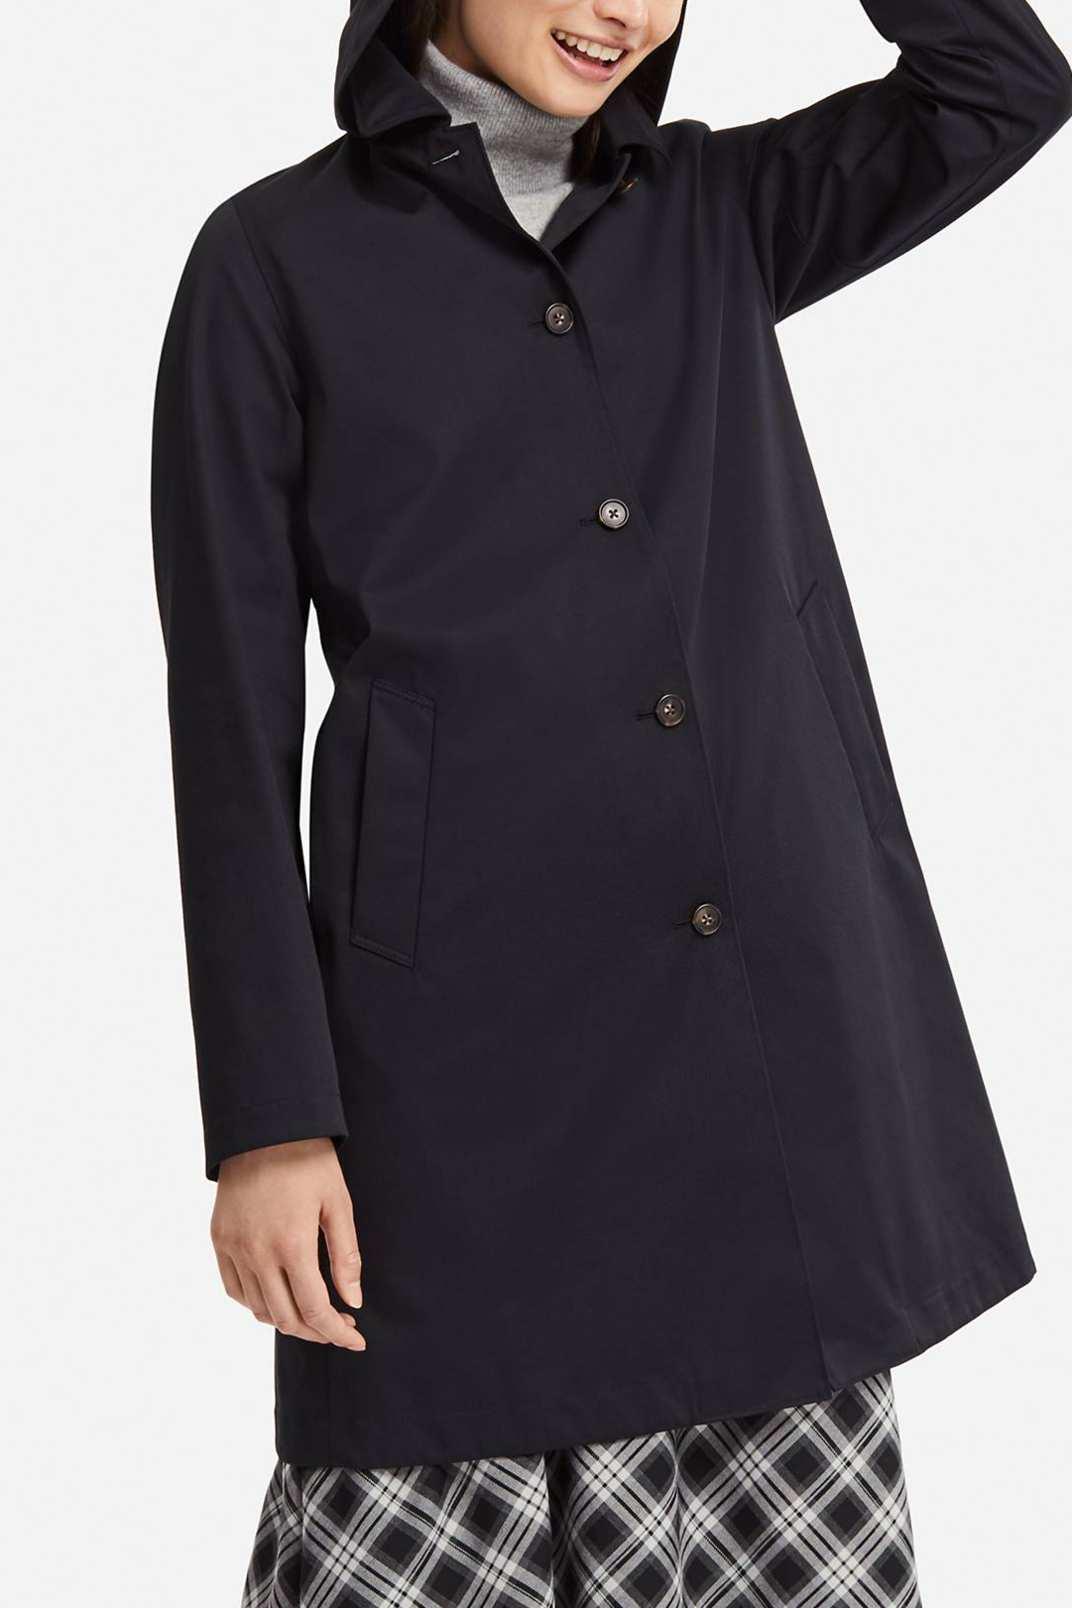 Uniqlo Women's Blocktech Soutien Collar Coat